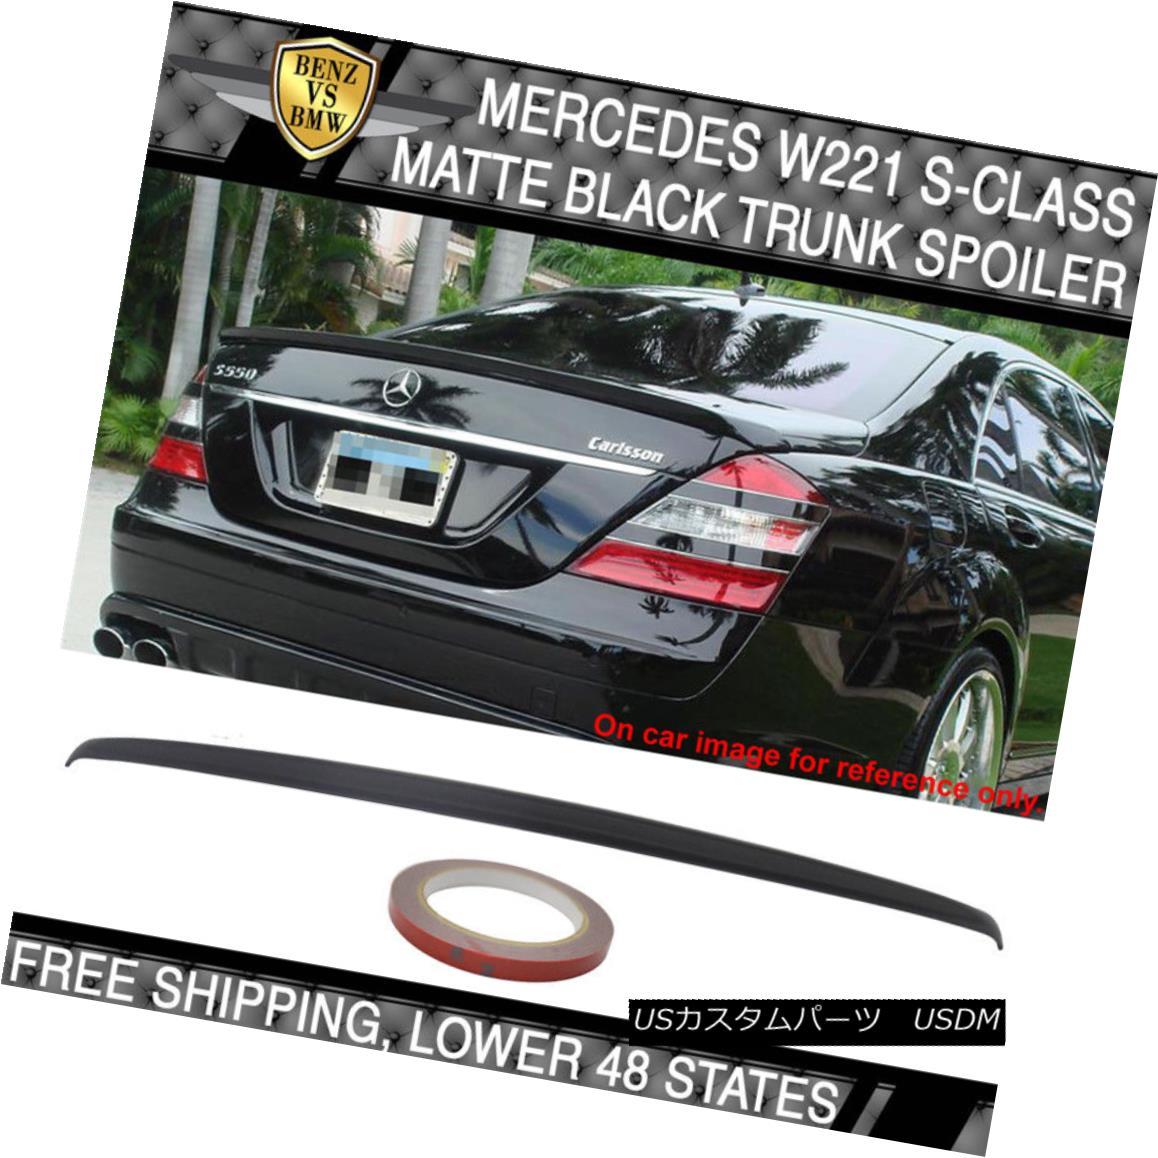 エアロパーツ USA Stock 07-13 Mercedes W221 S-Class Painted Matte Black Trunk Spoiler - ABS USAストック07-13メルセデスW221 Sクラス塗装マットブラックトランクスポイラー - ABS